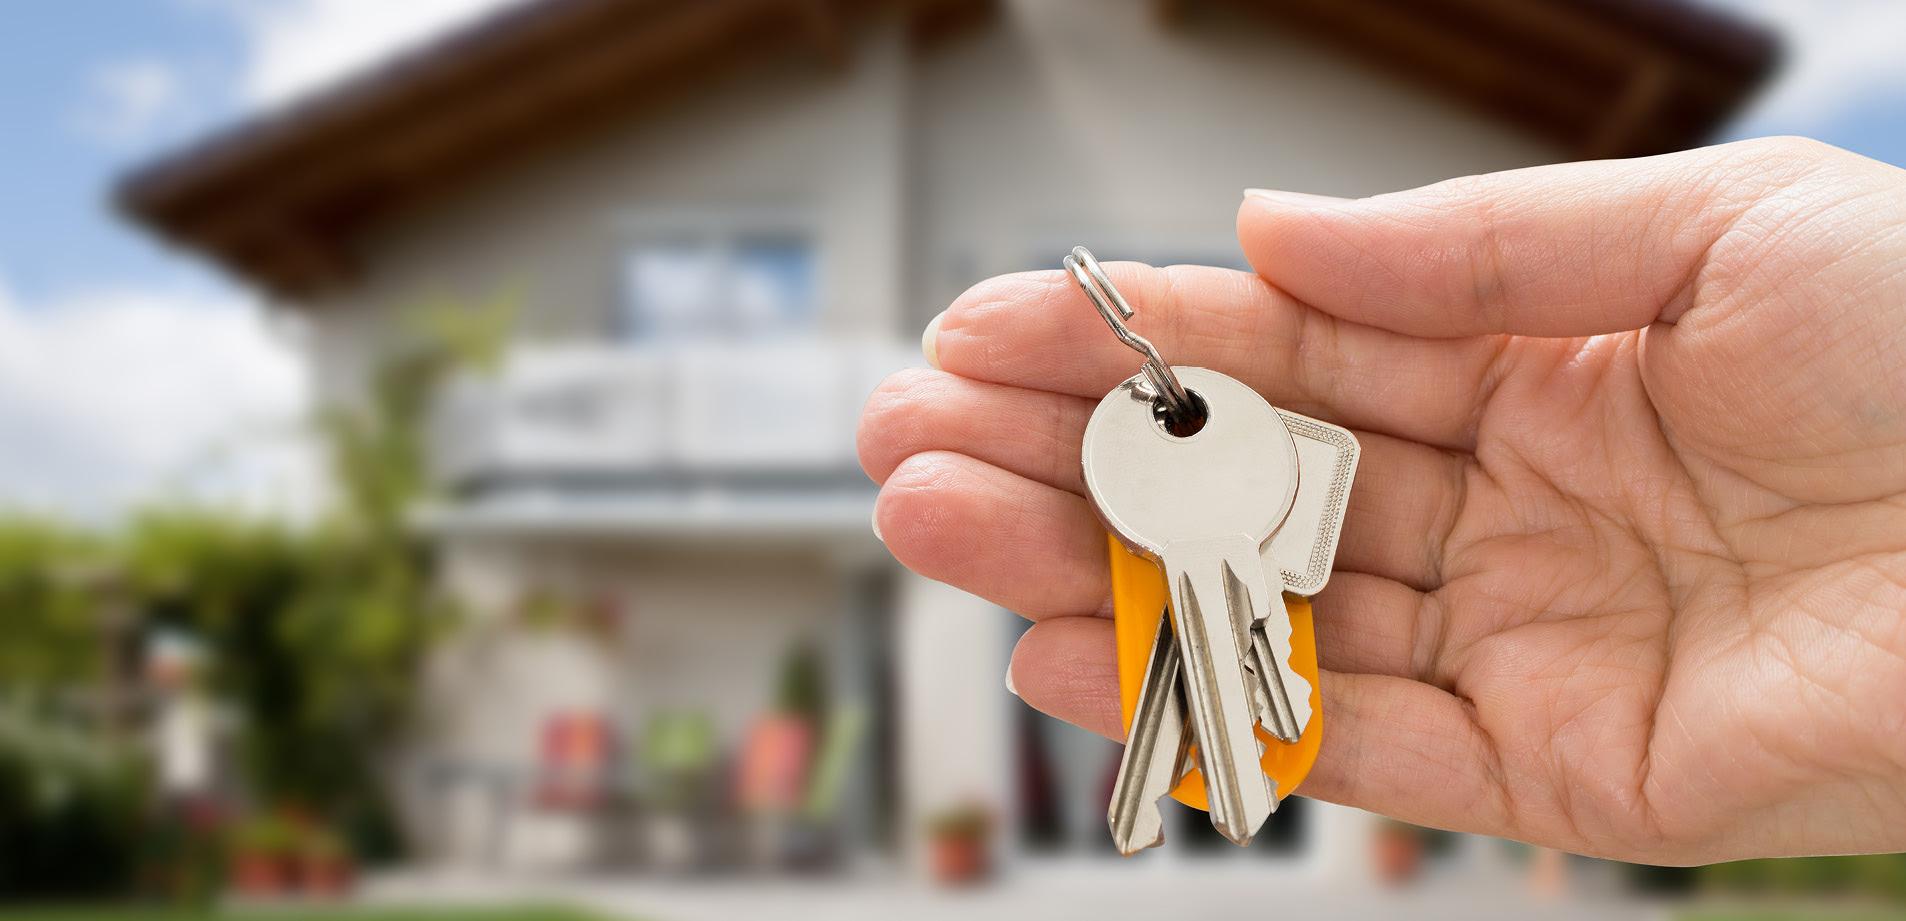 real-estate-market-update-spring-market